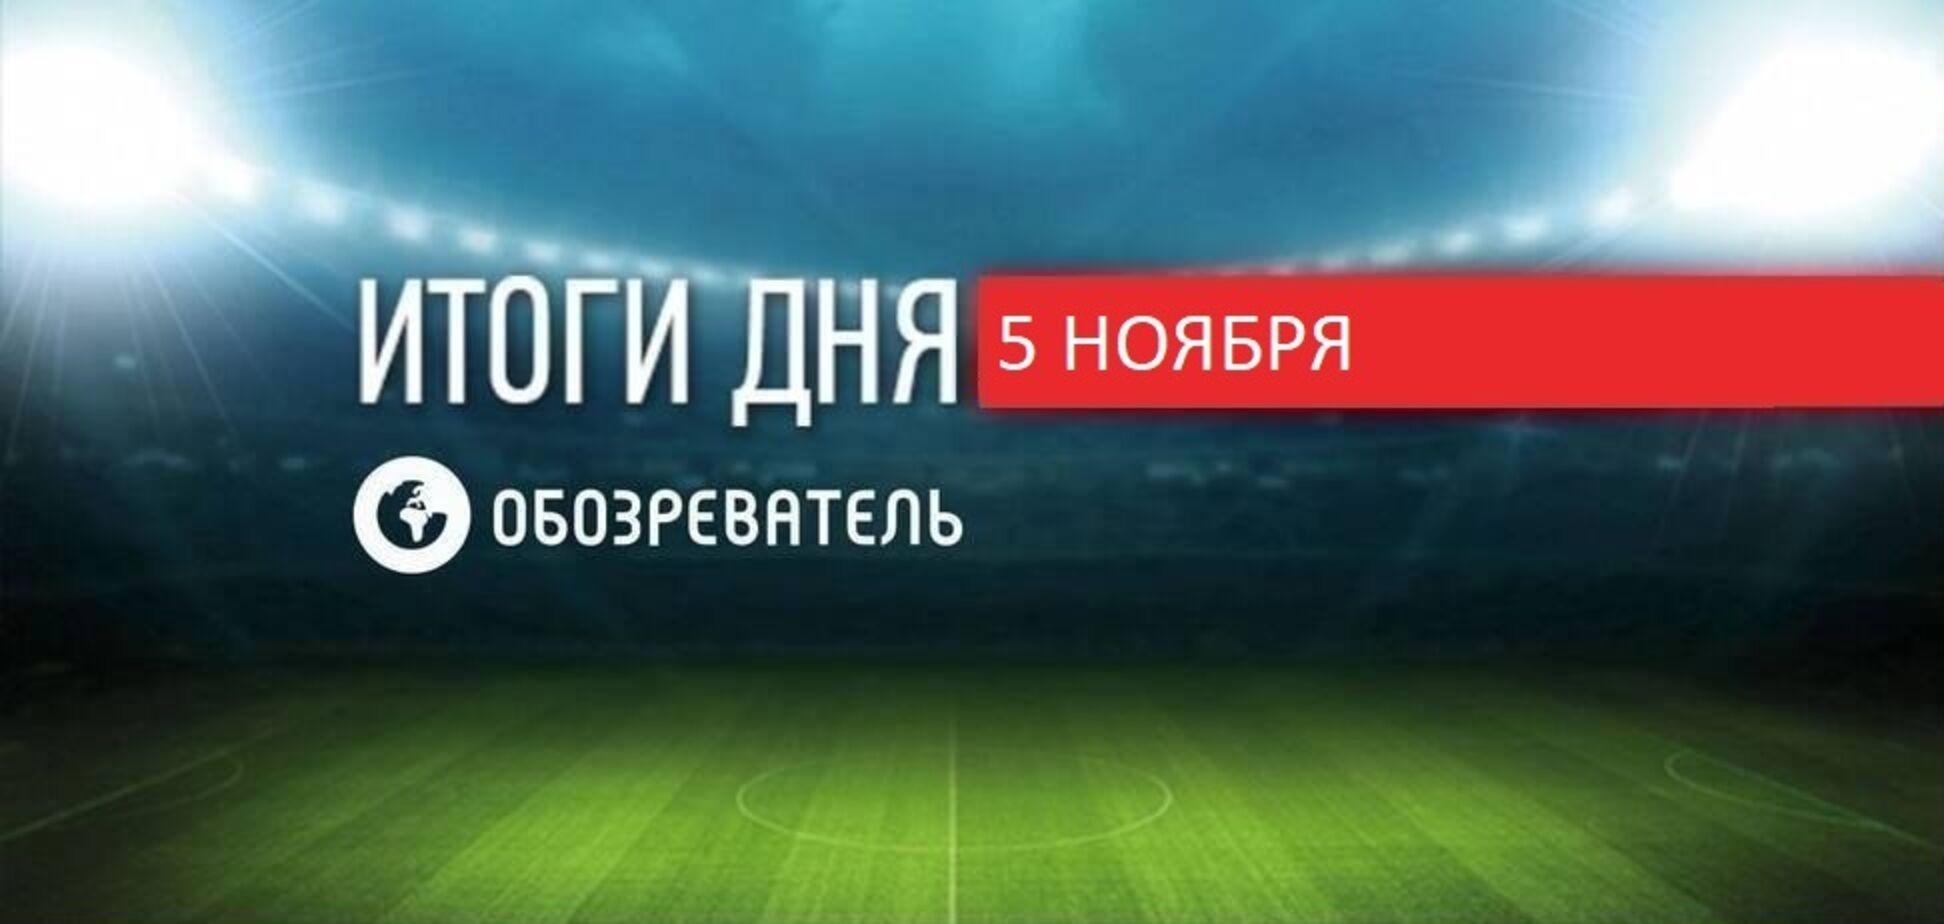 Збірну України зняли з літака на шляху до ЧС: спортивні підсумки 5 листопада